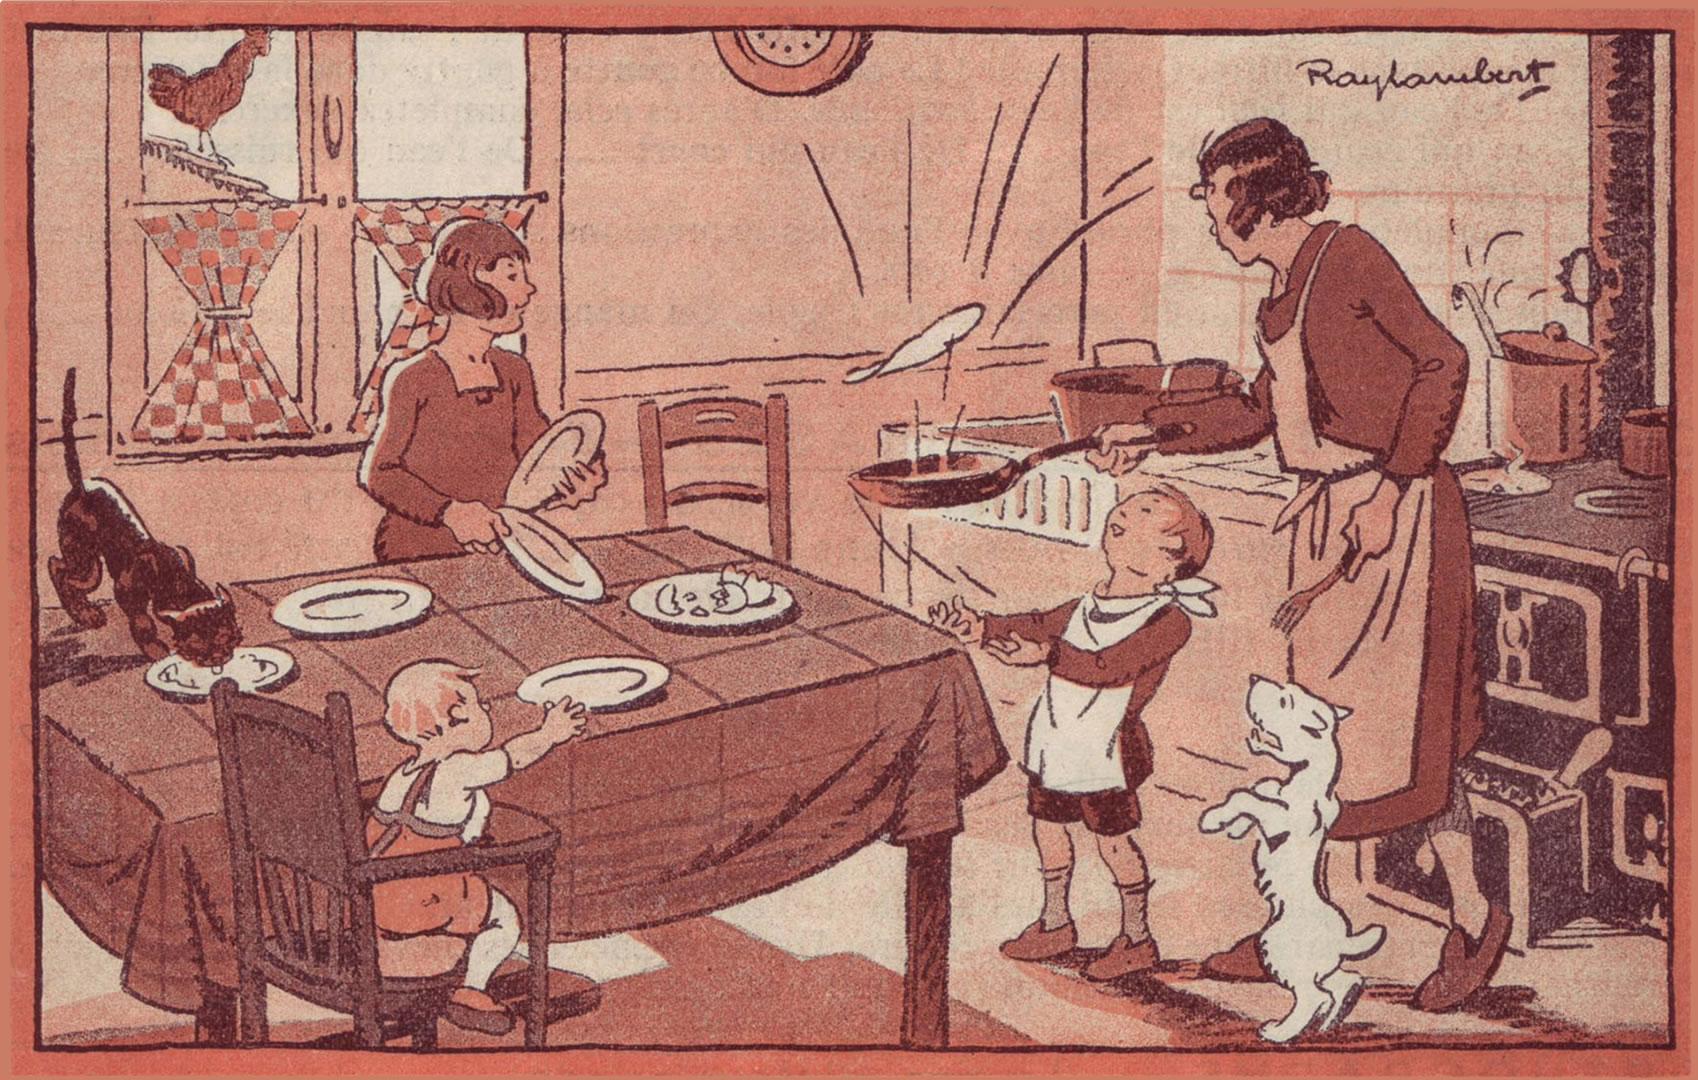 0058 - Méthode et exercices de Langue Française CE1 - Ill.Raylambert - Delagrave - L'omelette dorée p37